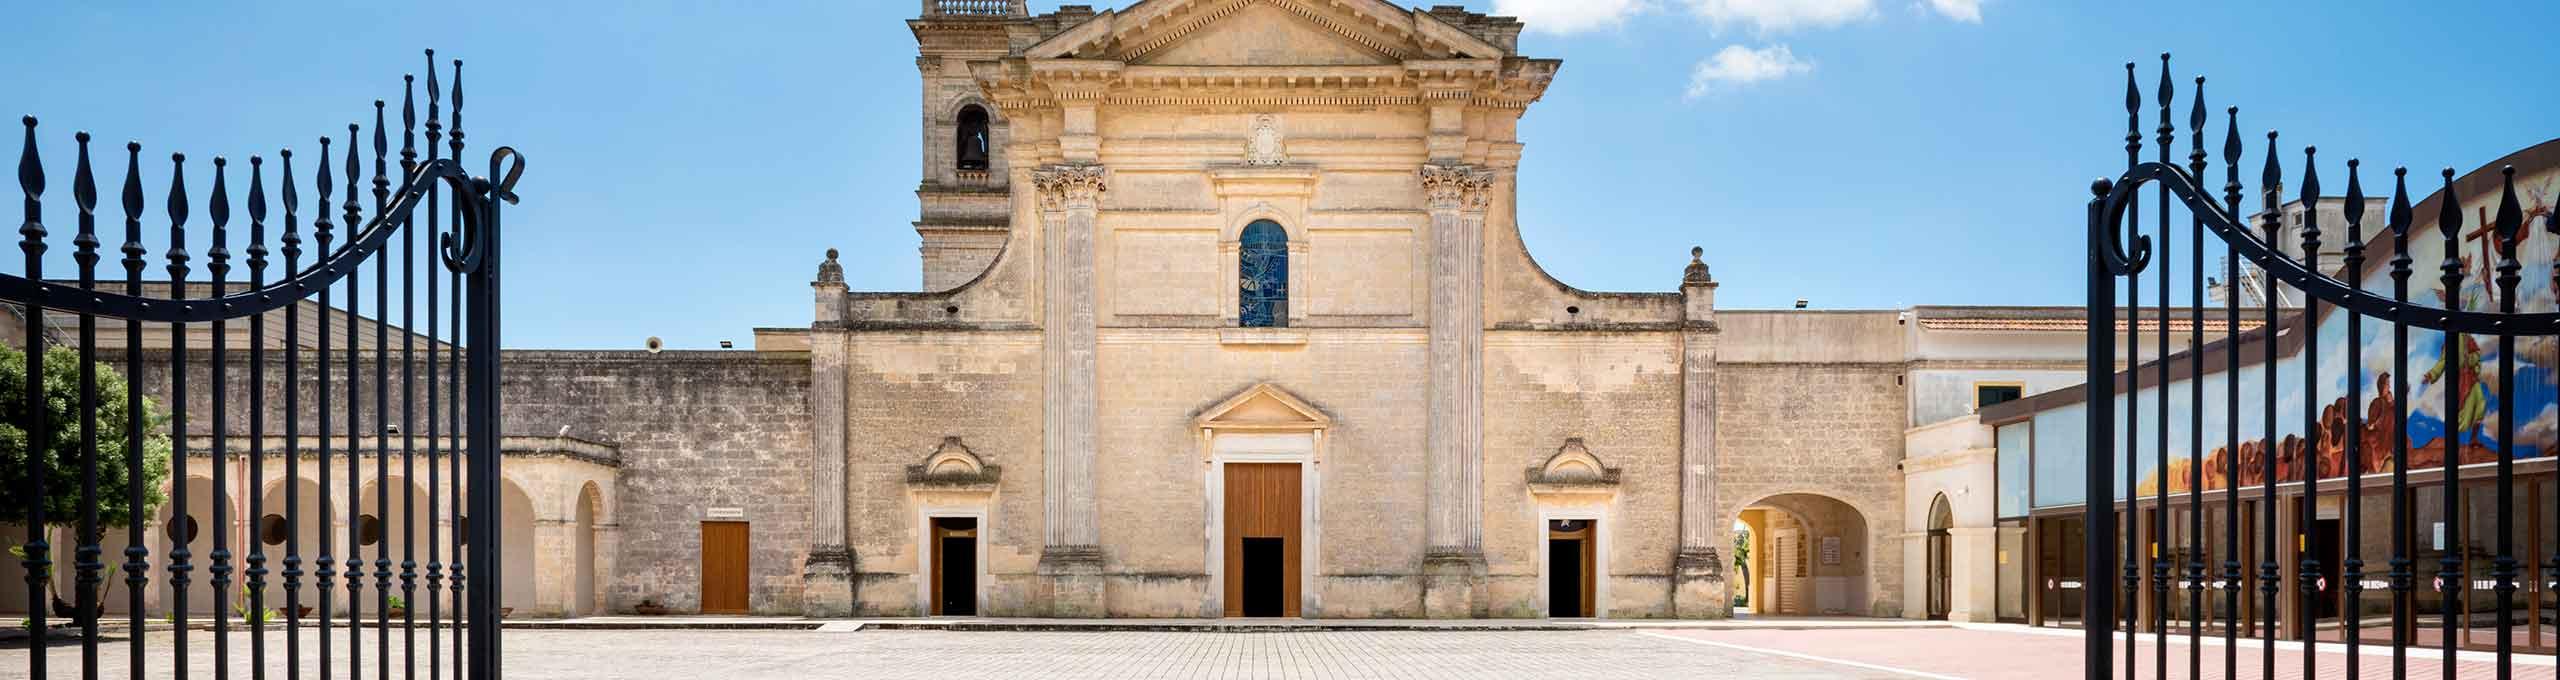 Oria, Salento, Santuario di San Cosimo alla Macchia